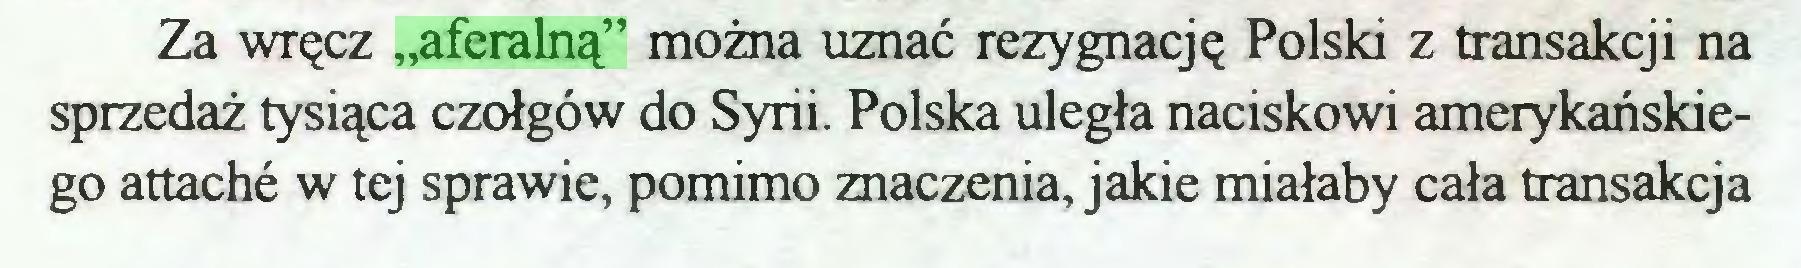 """(...) Za wręcz """"aferalną"""" można uznać rezygnację Polski z transakcji na sprzedaż tysiąca czołgów do Syrii. Polska uległa naciskowi amerykańskiego attache w tej sprawie, pomimo znaczenia, jakie miałaby cała transakcja..."""